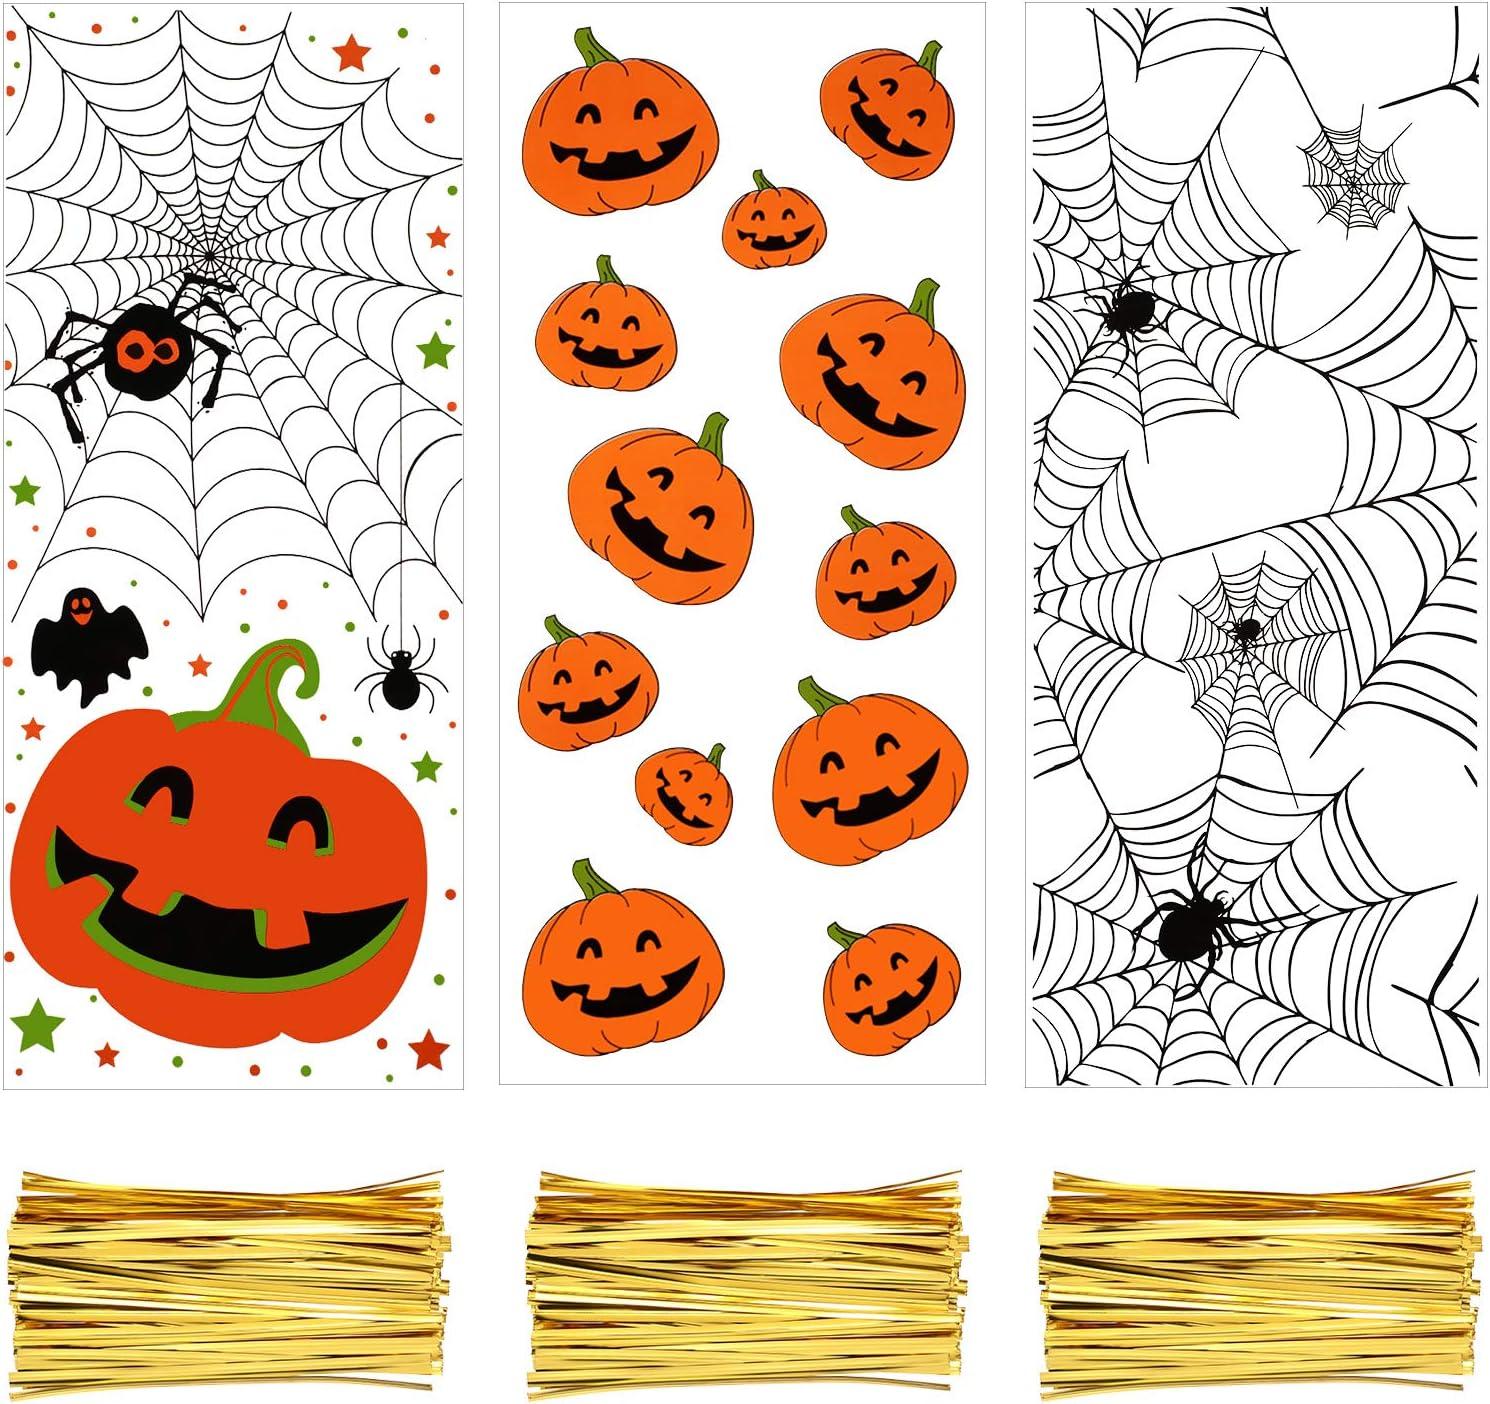 Style 1 200 Pi/èces Sachets Transparents en Cellophane Sachets de Friandises Biscuits Bonbons de No/ël Halloween avec 300 Pi/èces Cravates Torsad/ées pour Fournitures de F/ête /à Th/ème